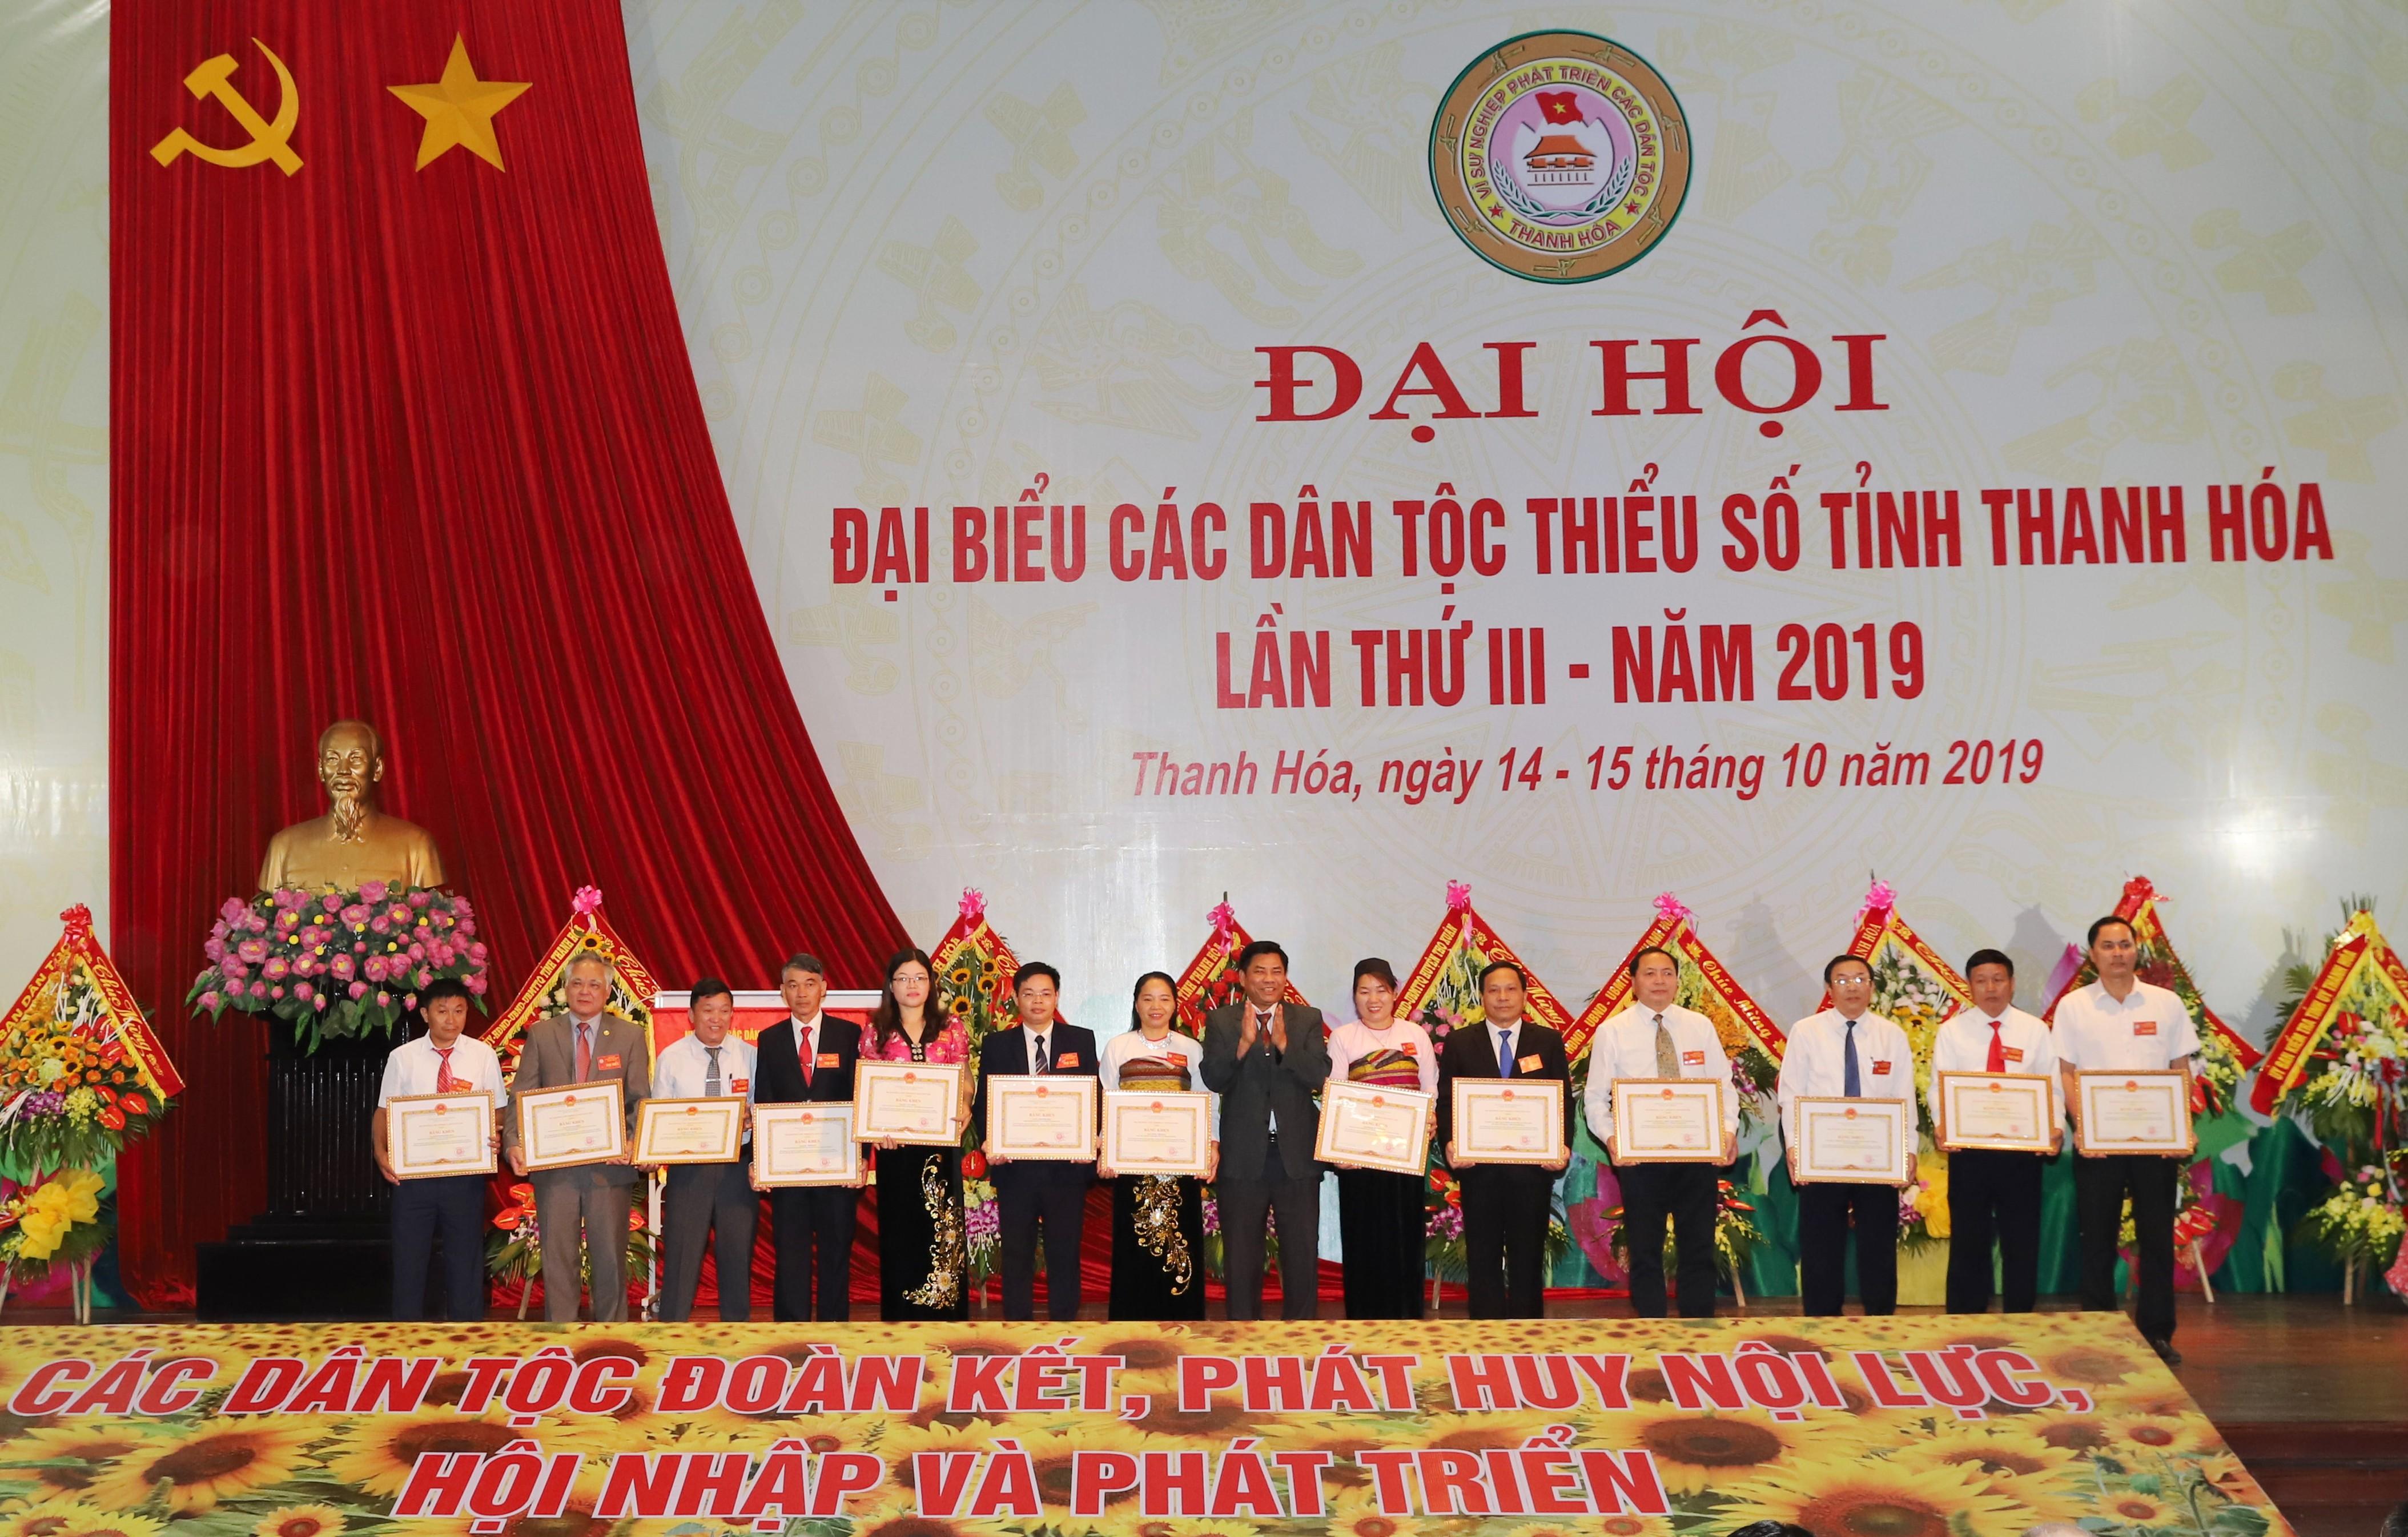 Thứ trưởng, Phó Chủ nhiệm Y Thông trao bằng khen của Bộ trưởng Chủ nhiệm UBDT cho 14 cá nhân và tập thể có thành tích xuất sắc trong thực hiện công tác dân tộc, chính sách dân tộc.